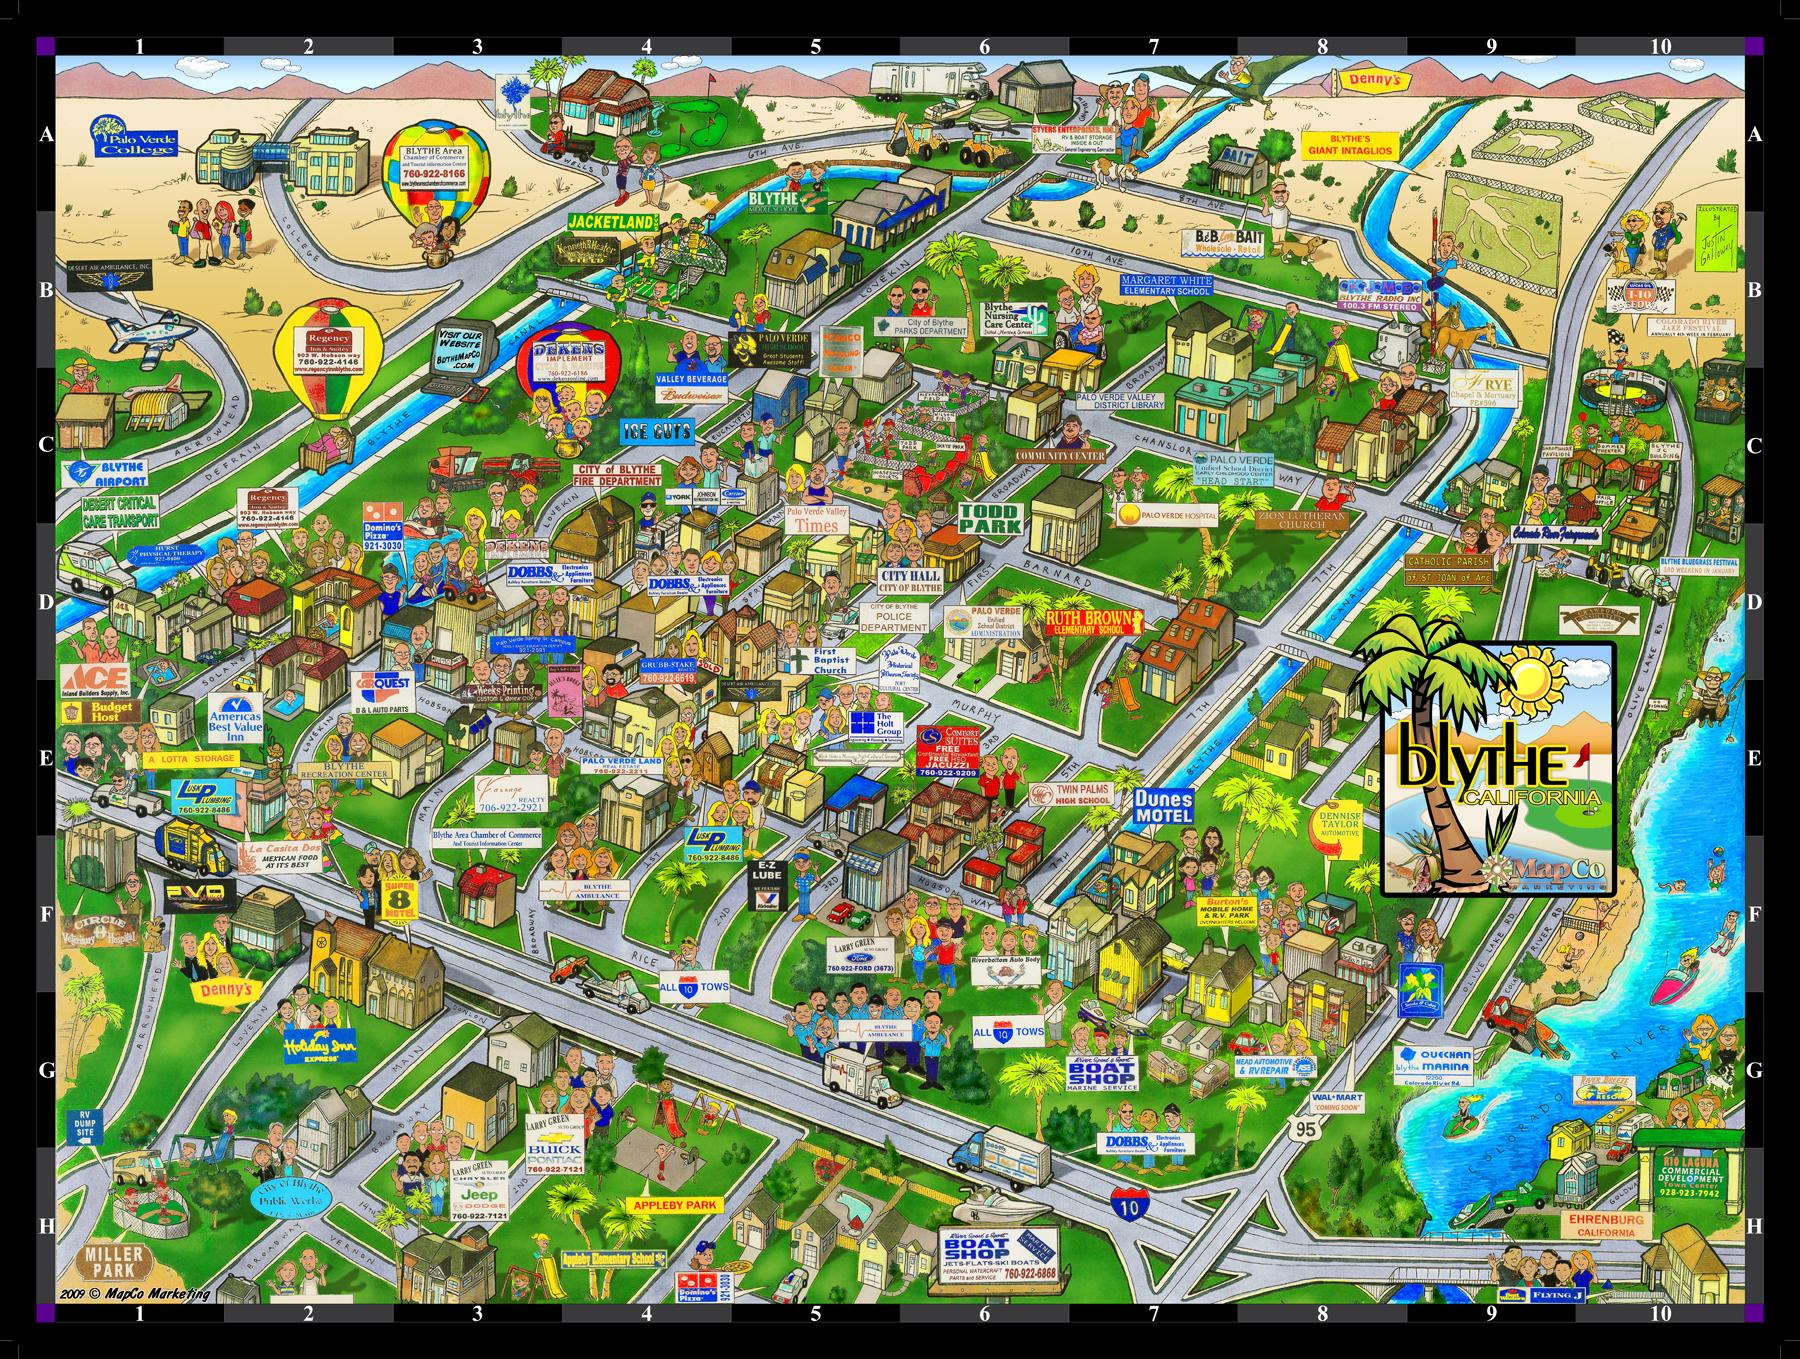 Blythe-Map-illustration.jpg